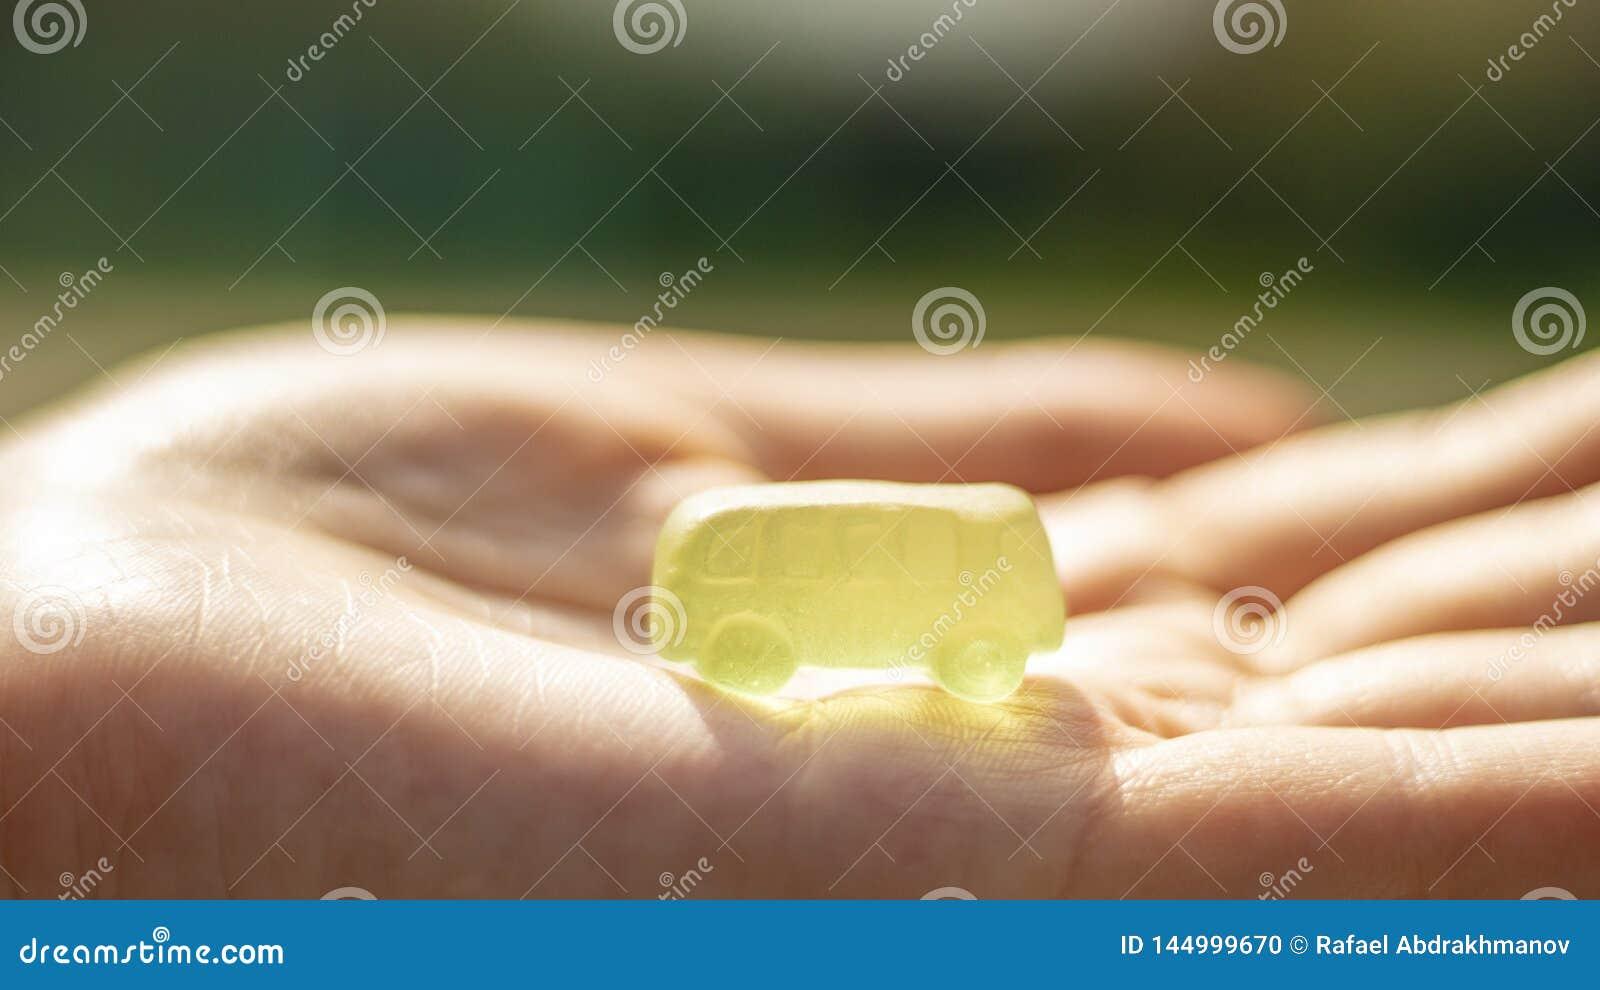 Carros comest?veis coloridos do doce de fruta em uma palma das crian?as Ideia do neg?cio para obter um empr?stimo da hipoteca ou